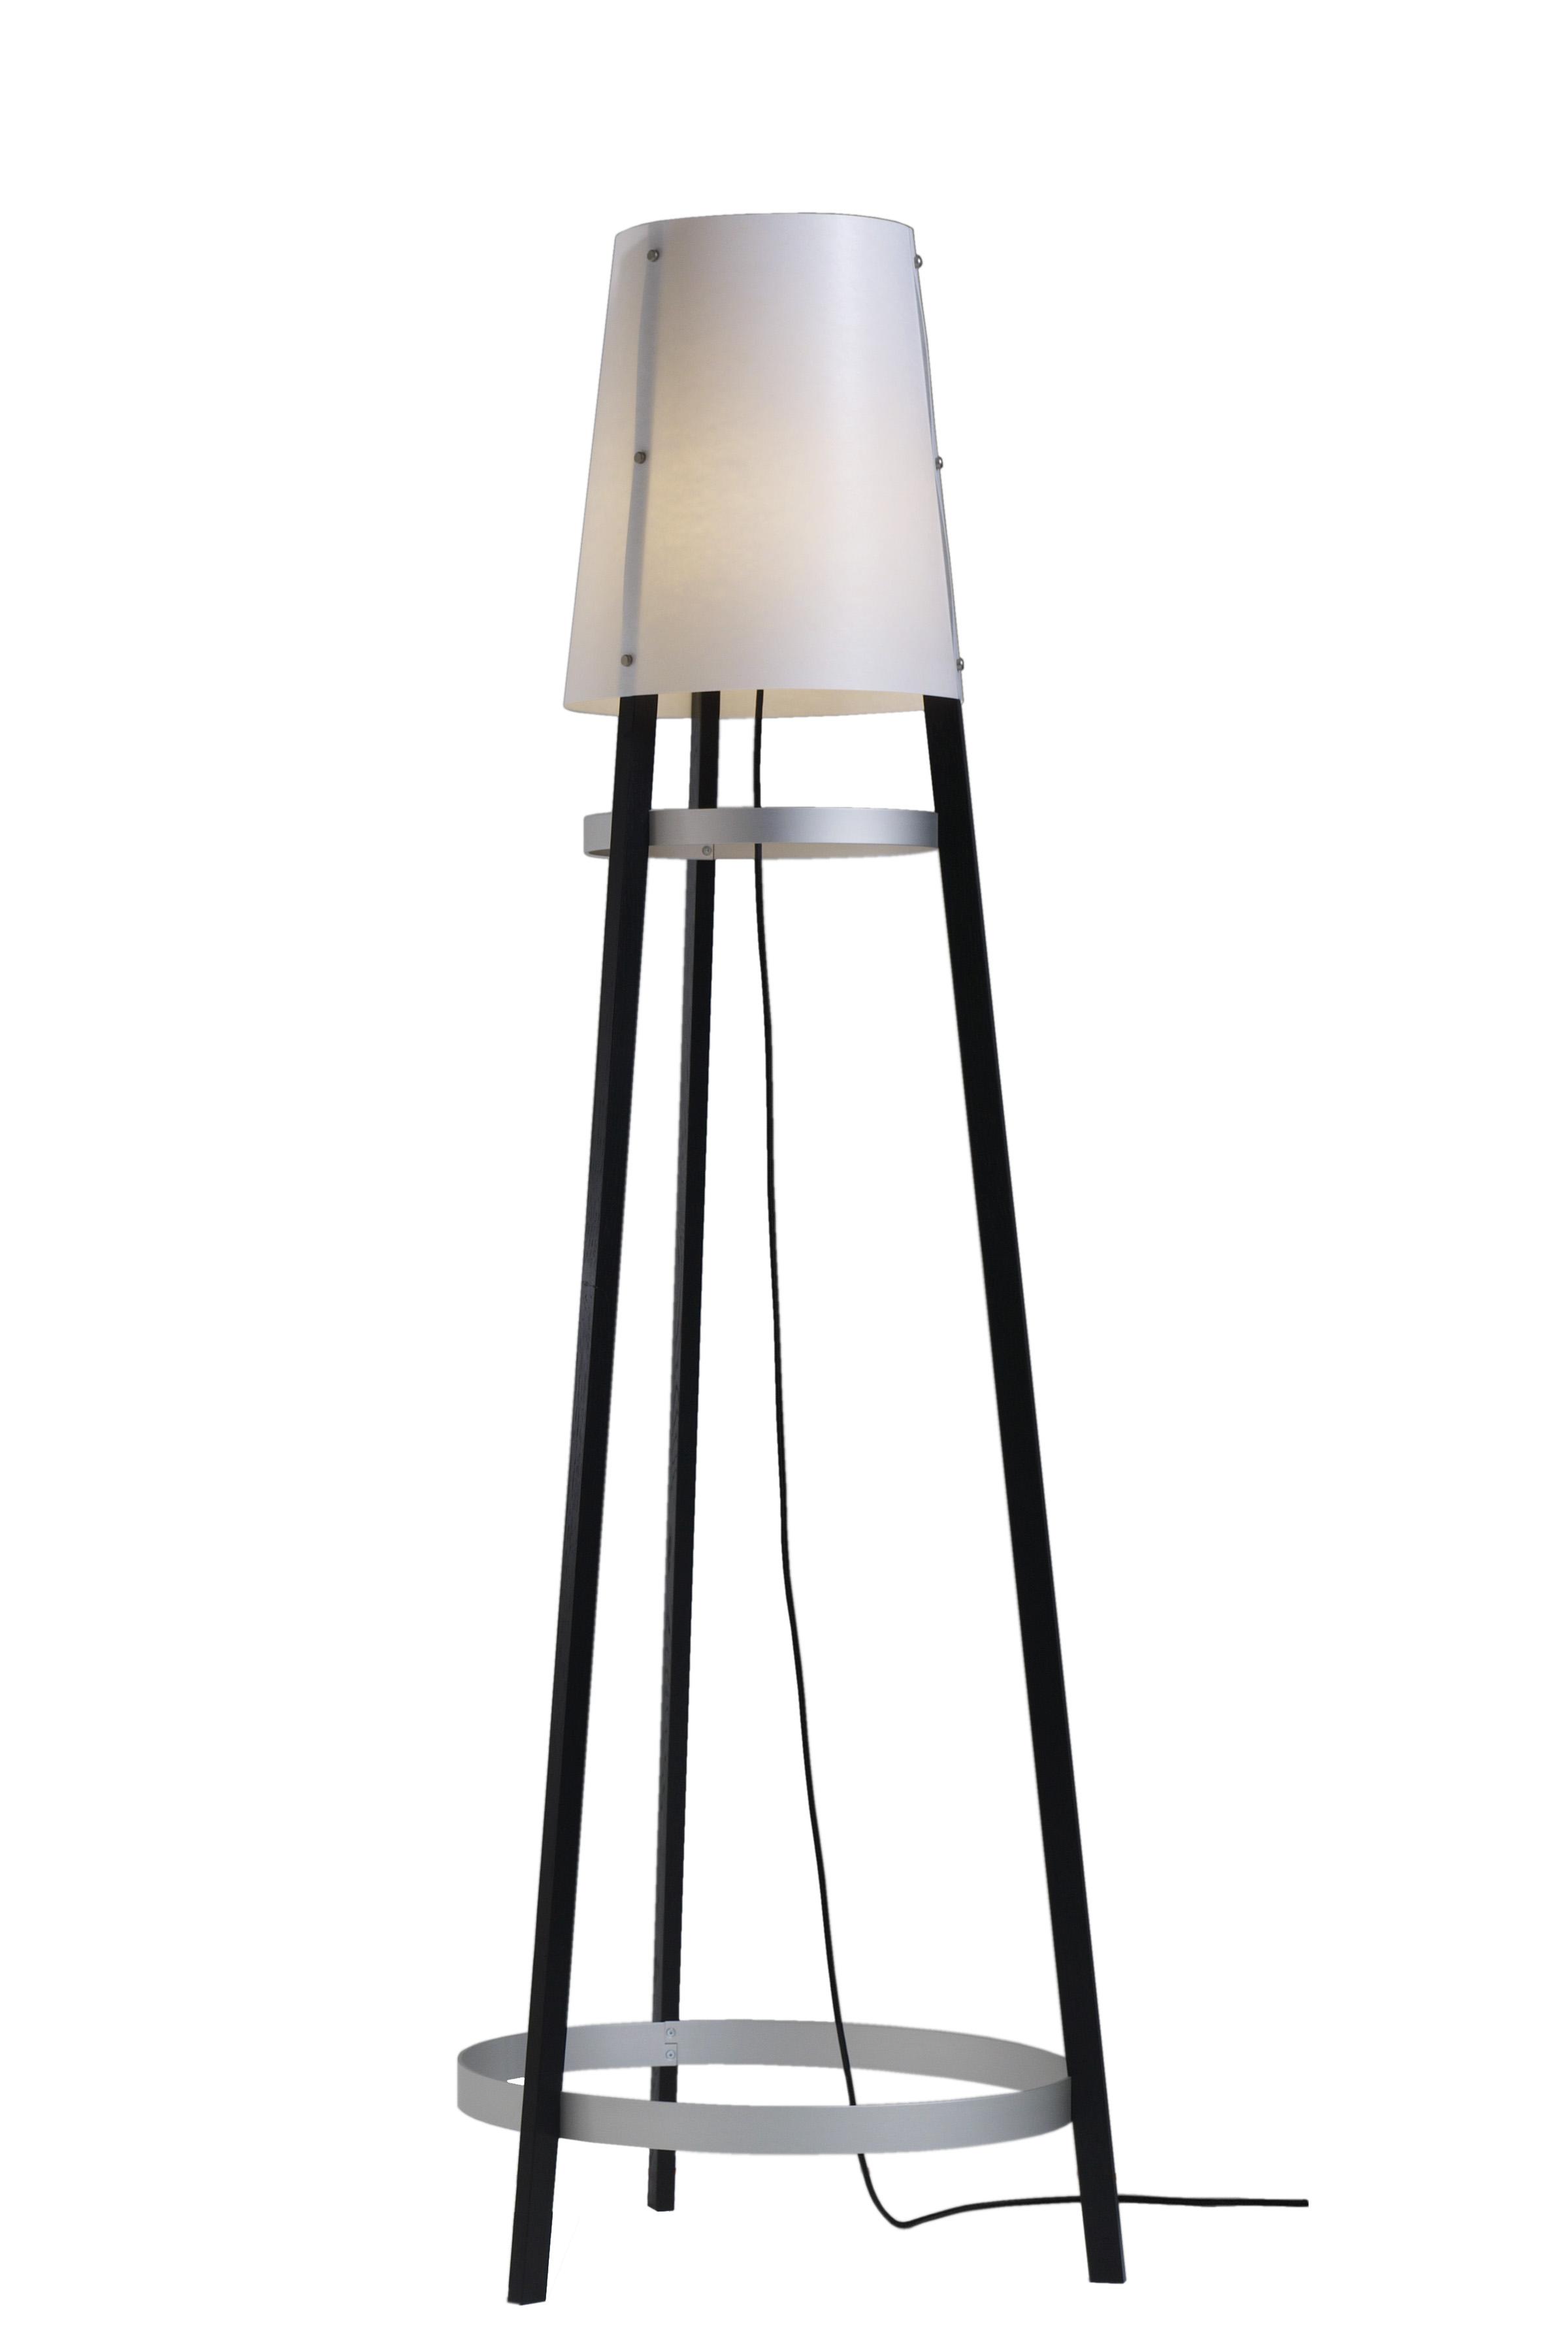 Stehleuchte Wai Ting | Stehleuchten | Leuchten | Futonwerkstatt